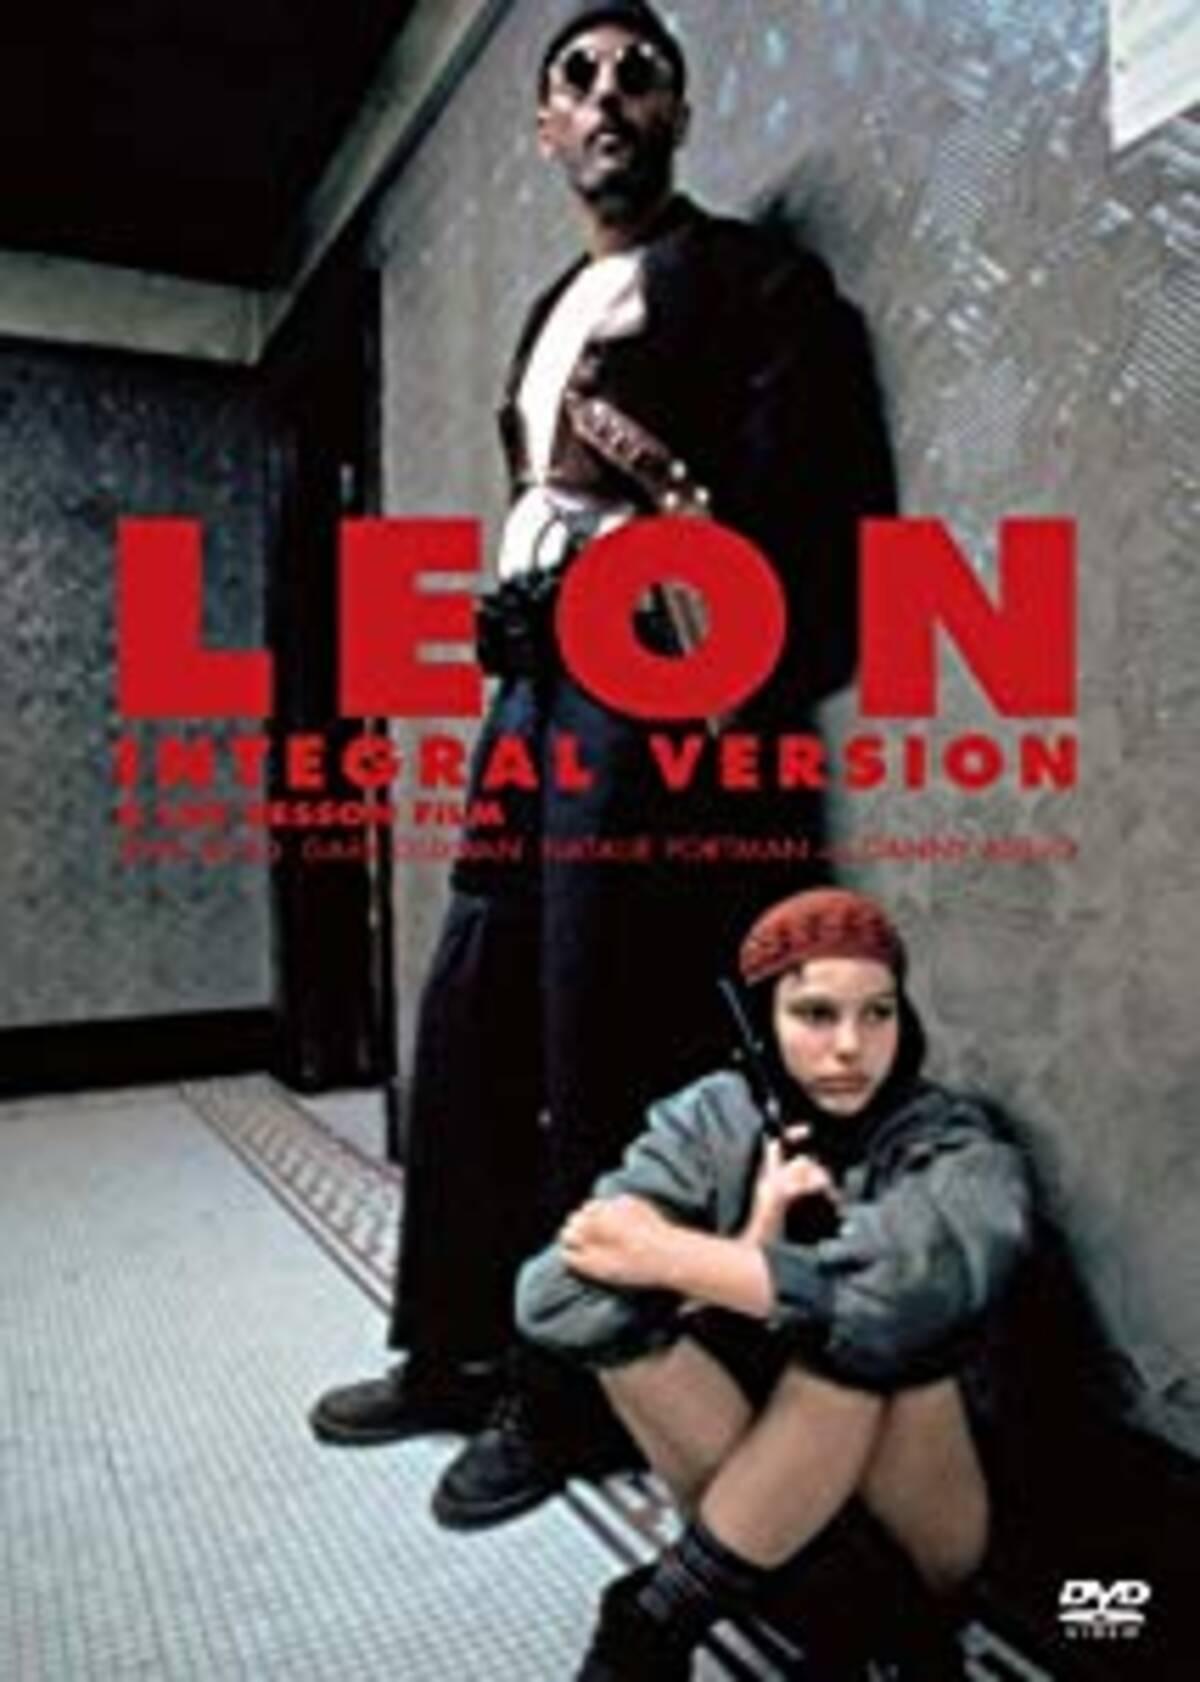 ネタバレあり 映画 レオン 1995年公開の名作映画を紐解く マチルダ